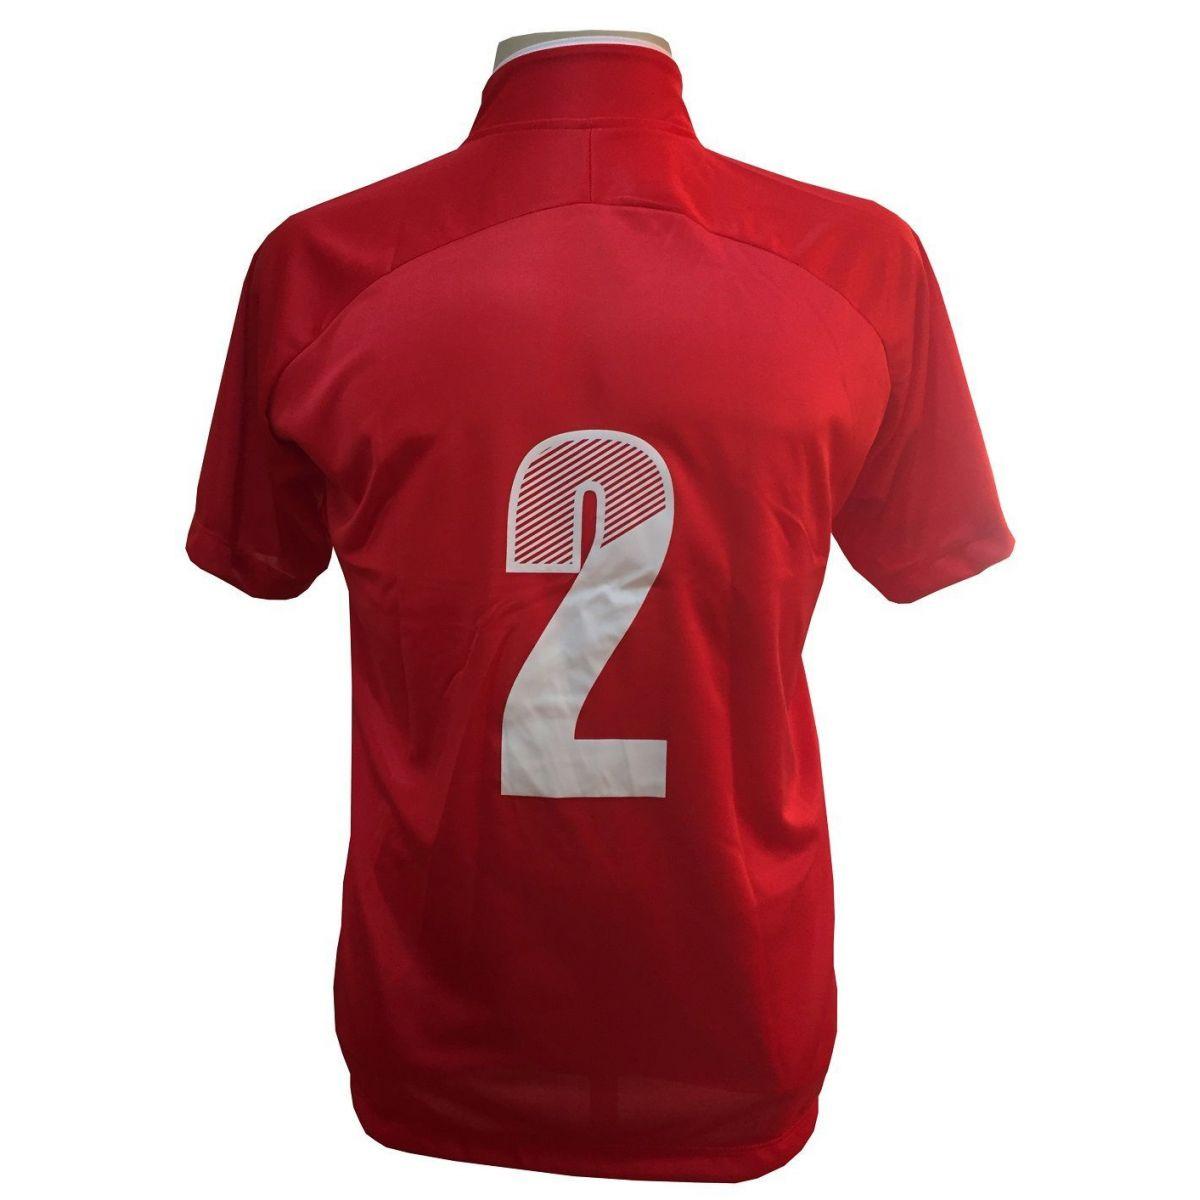 Uniforme Esportivo com 18 Camisas modelo City Vermelho/Branco + 18 Calções modelo Madrid Vermelho